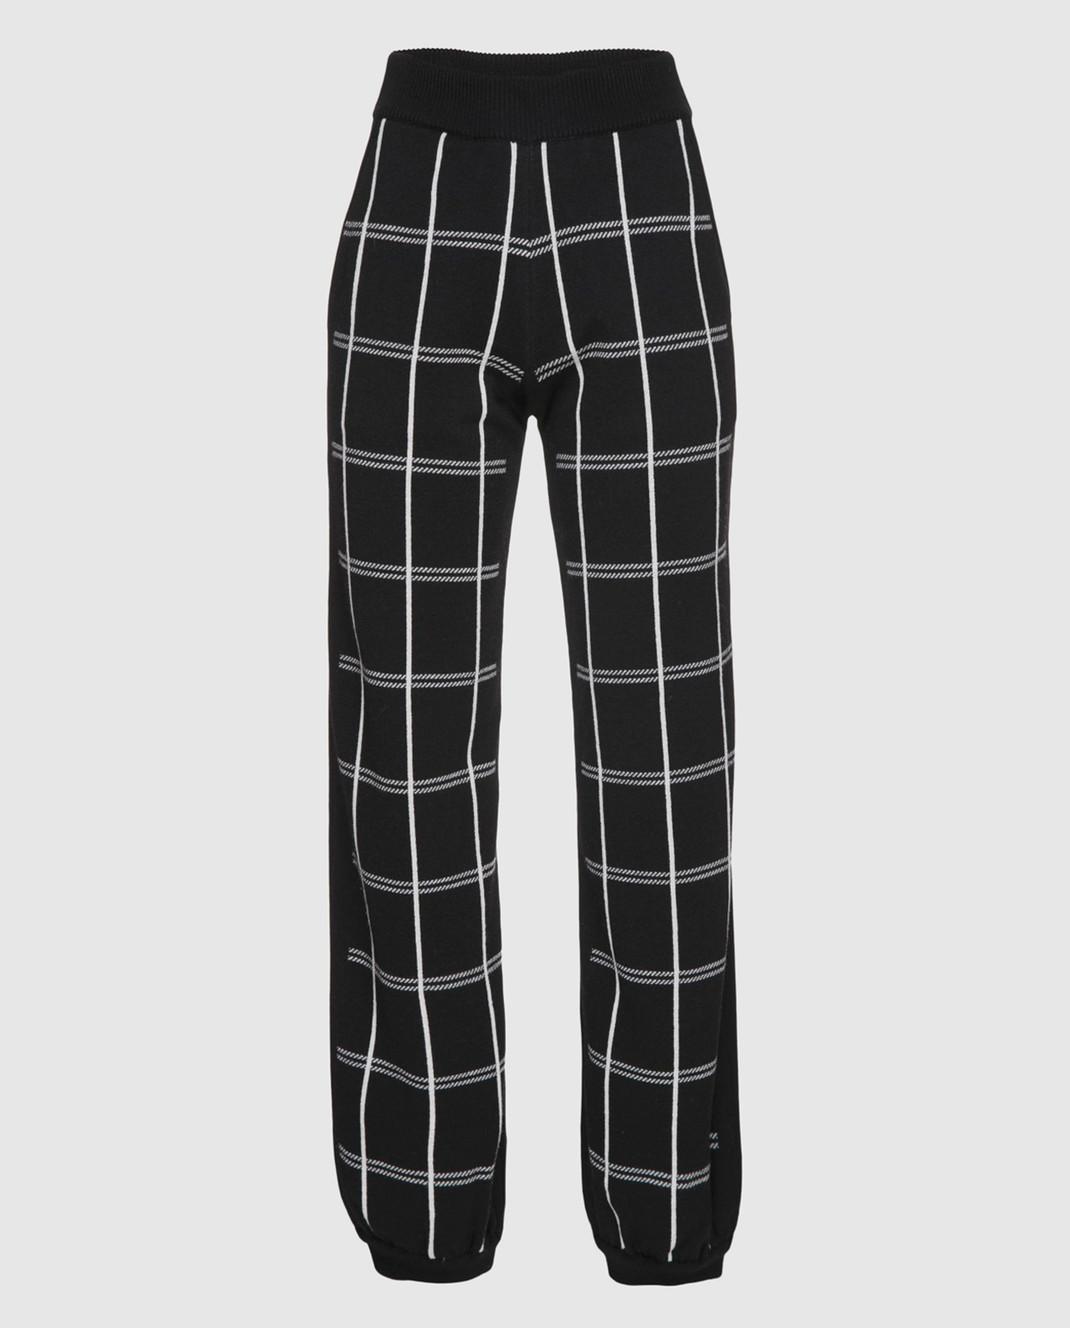 Chloe Черные брюки из шерсти 18SMT01540